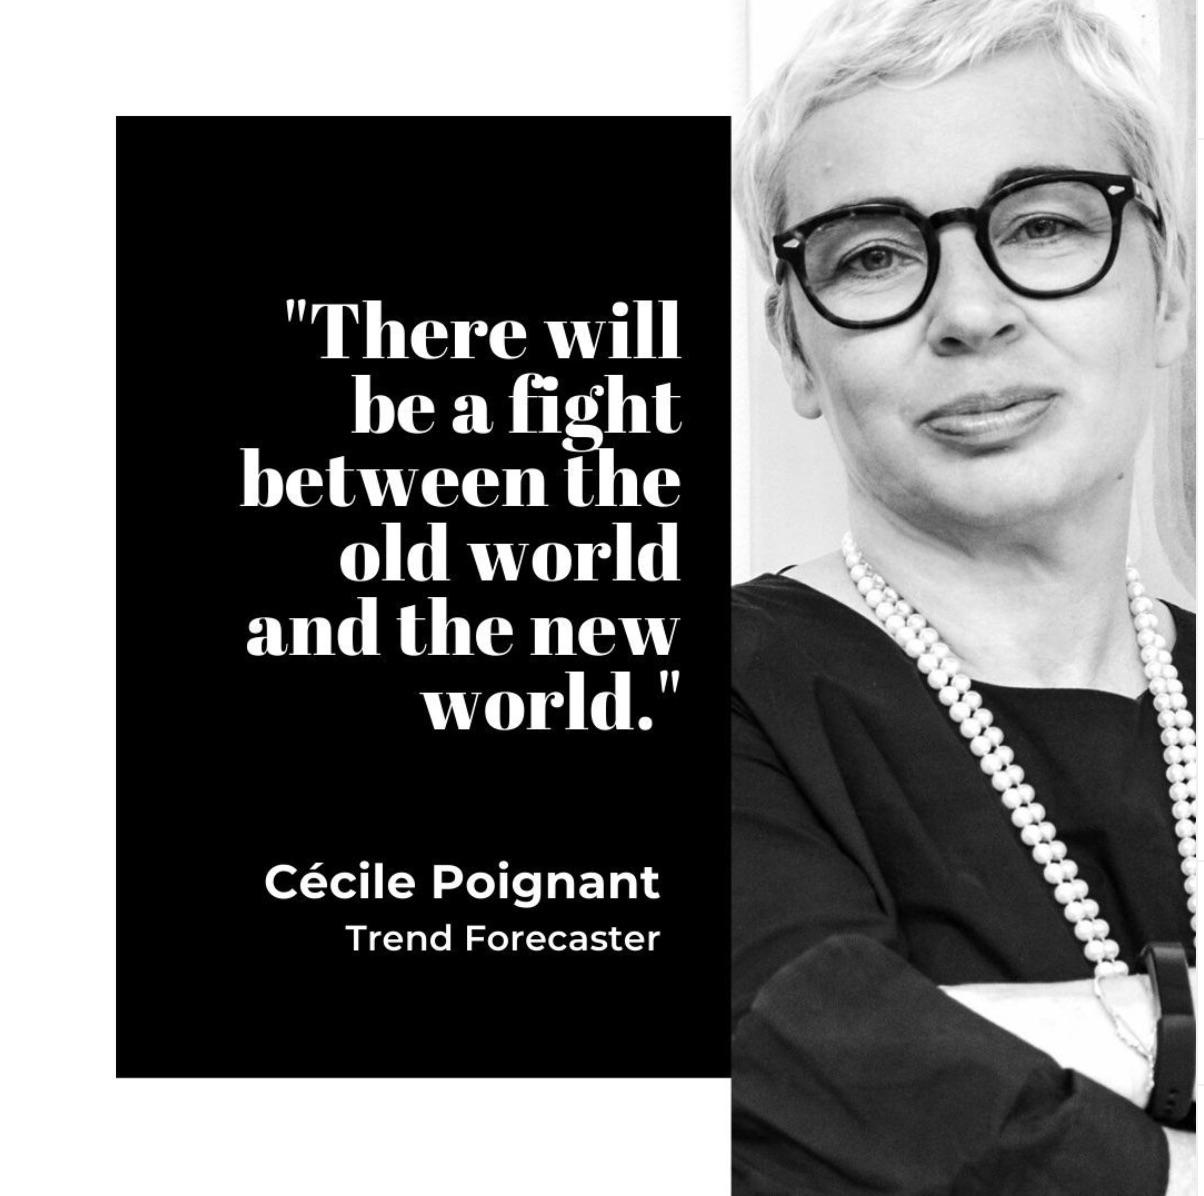 CecilePoignant